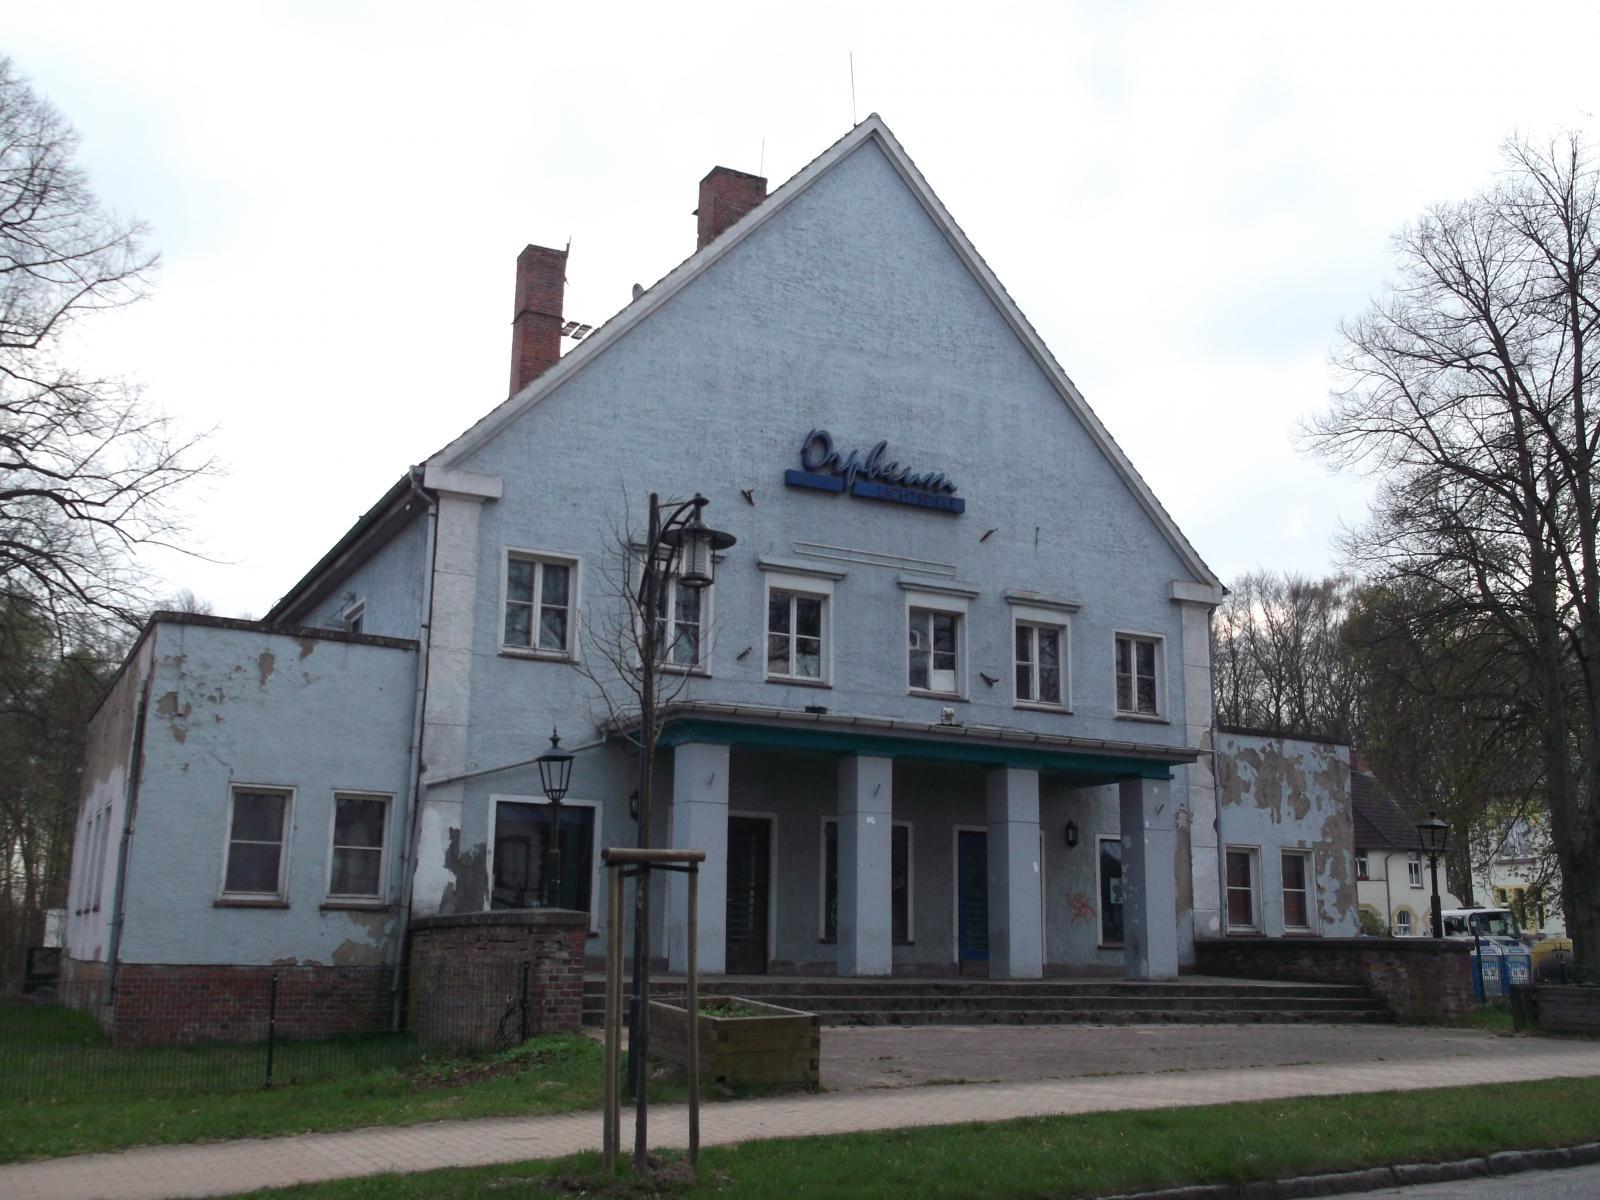 Kino Schönberg